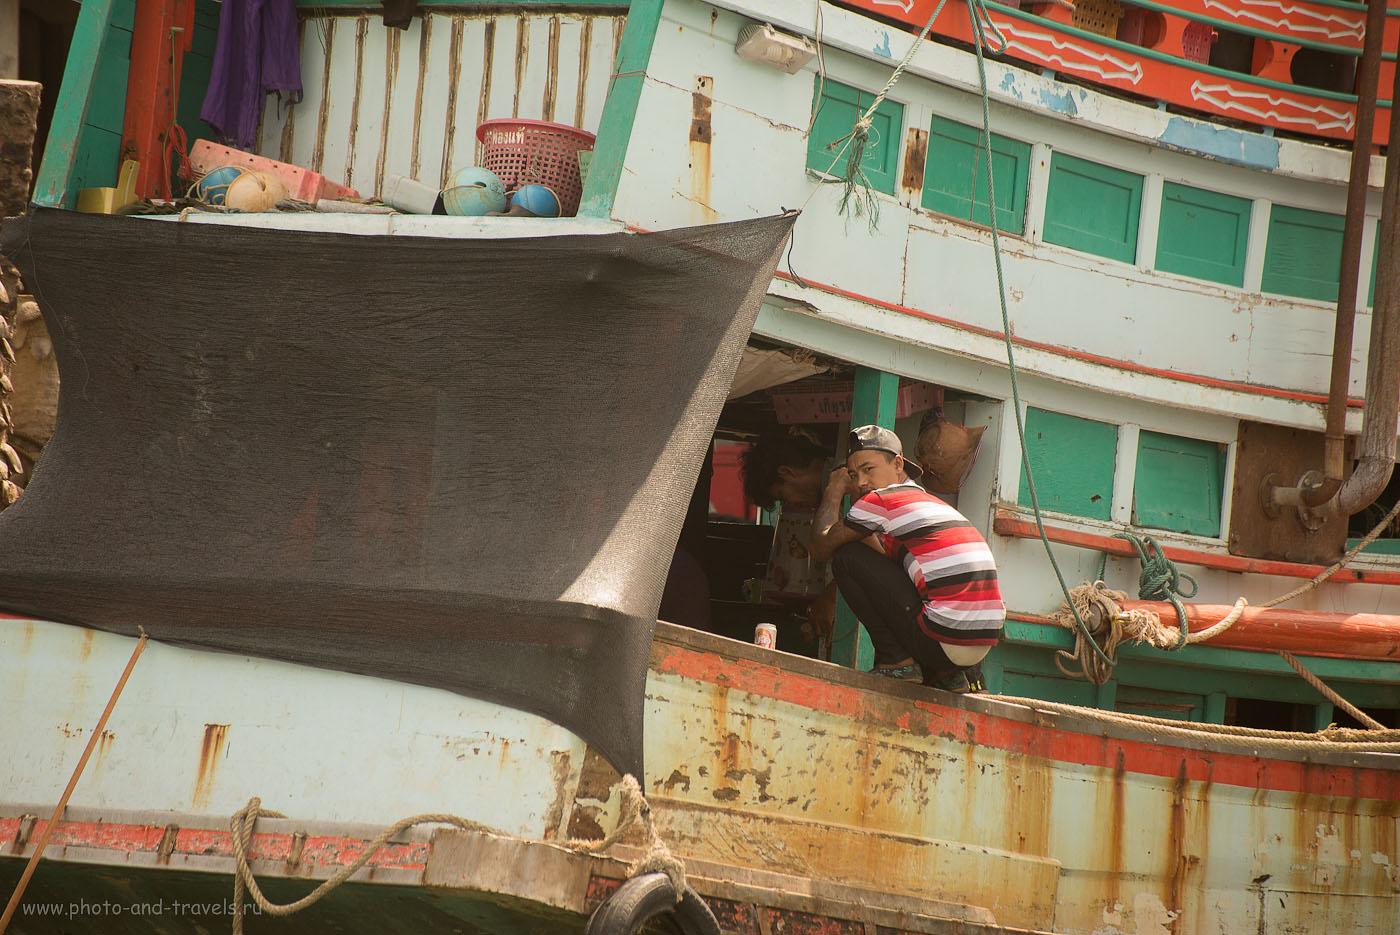 Фотография 8. Путешествие по Таиланду самостоятельно. Отзывы туристов об экскурсии в рыбацкую деревню рядом с городом Чумпхон. На ремонте (320, 230, 5.3, 1/800)